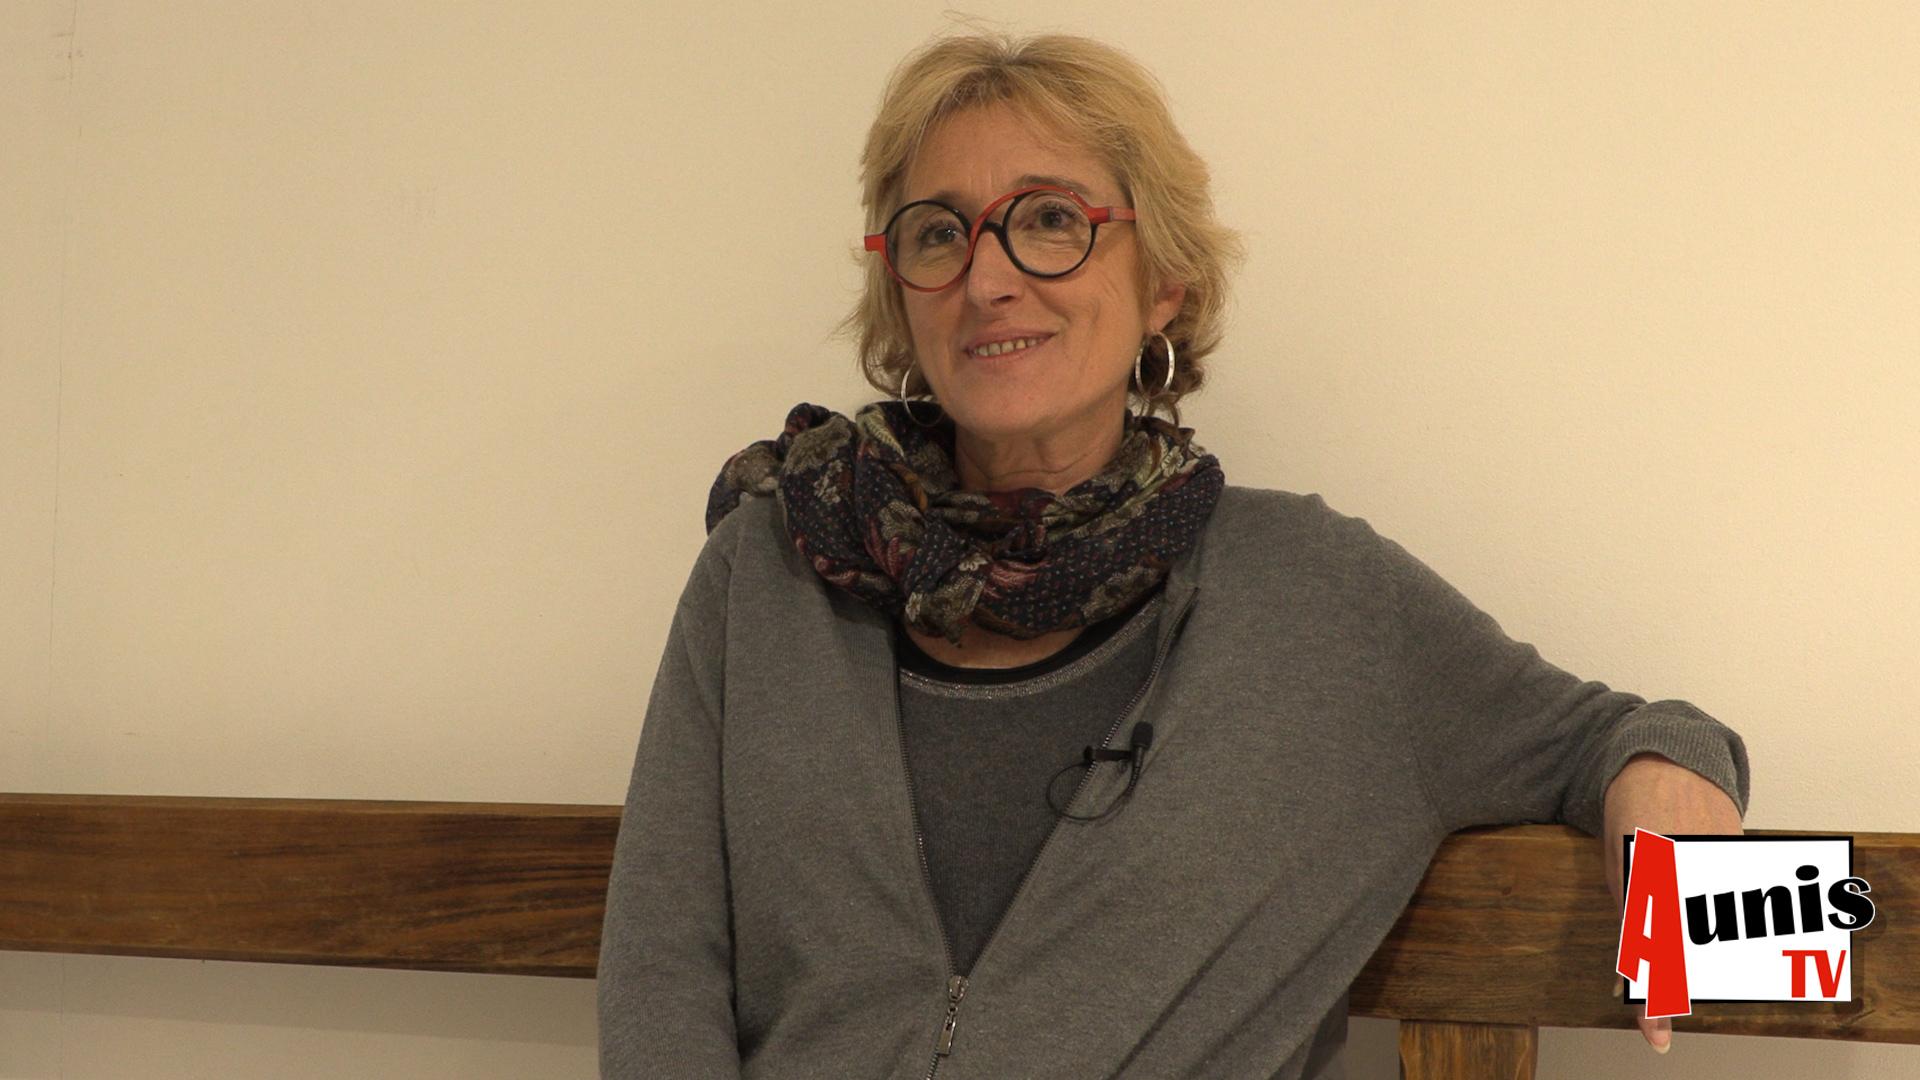 Municipales 2020 St Ouen d'Aunis Valérie Amy Moie